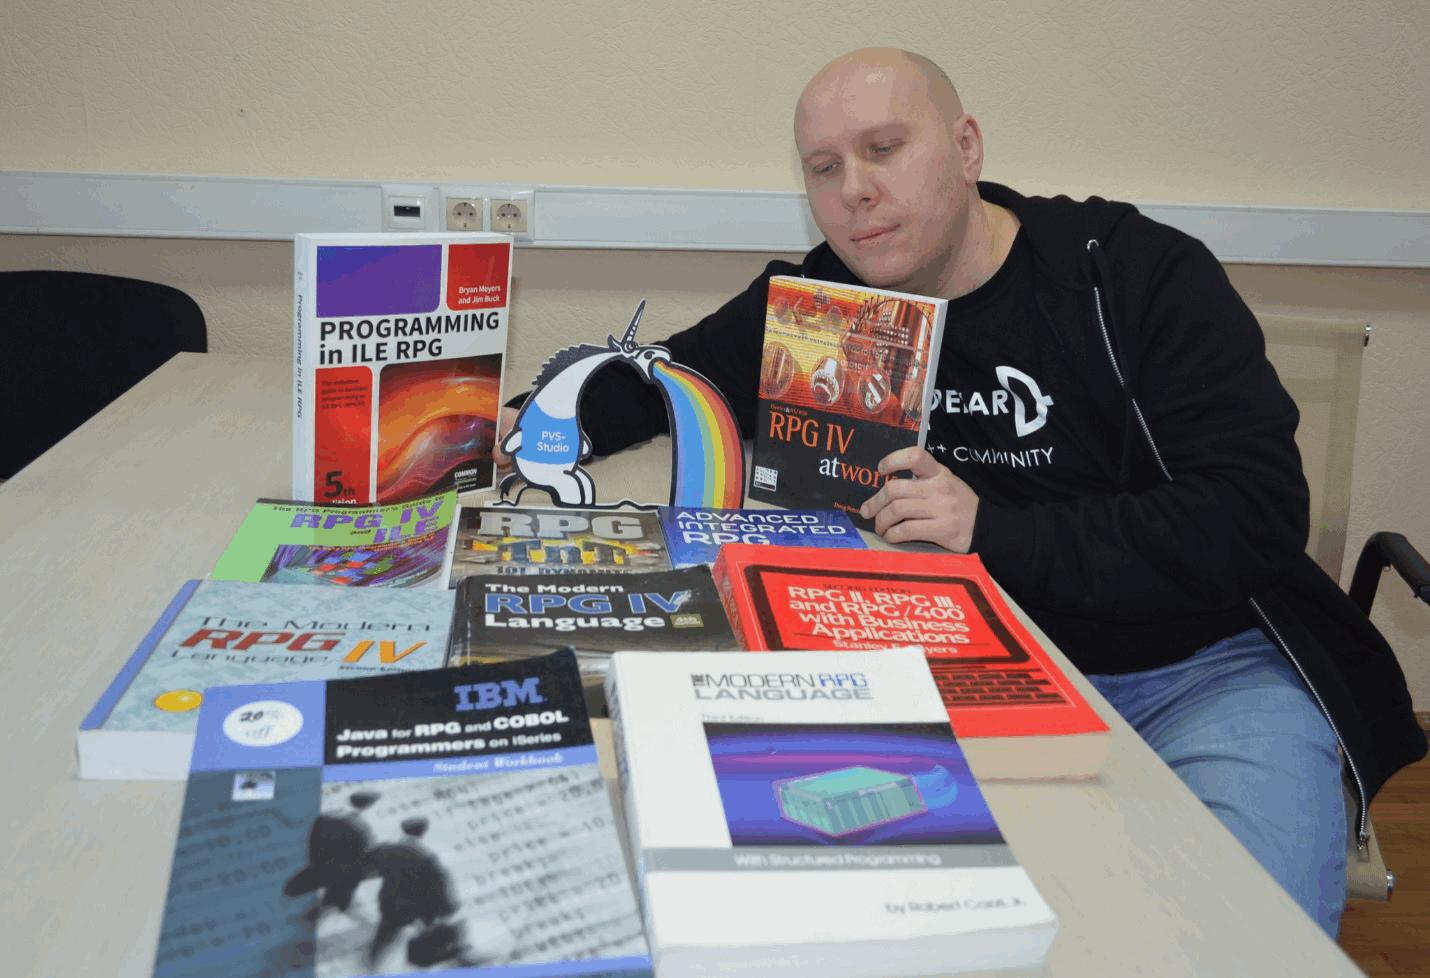 Рисунок N3. Книги по языку RPG куплены (нажмите на рисунок для увеличения). Осталось найти героя их прочитать.